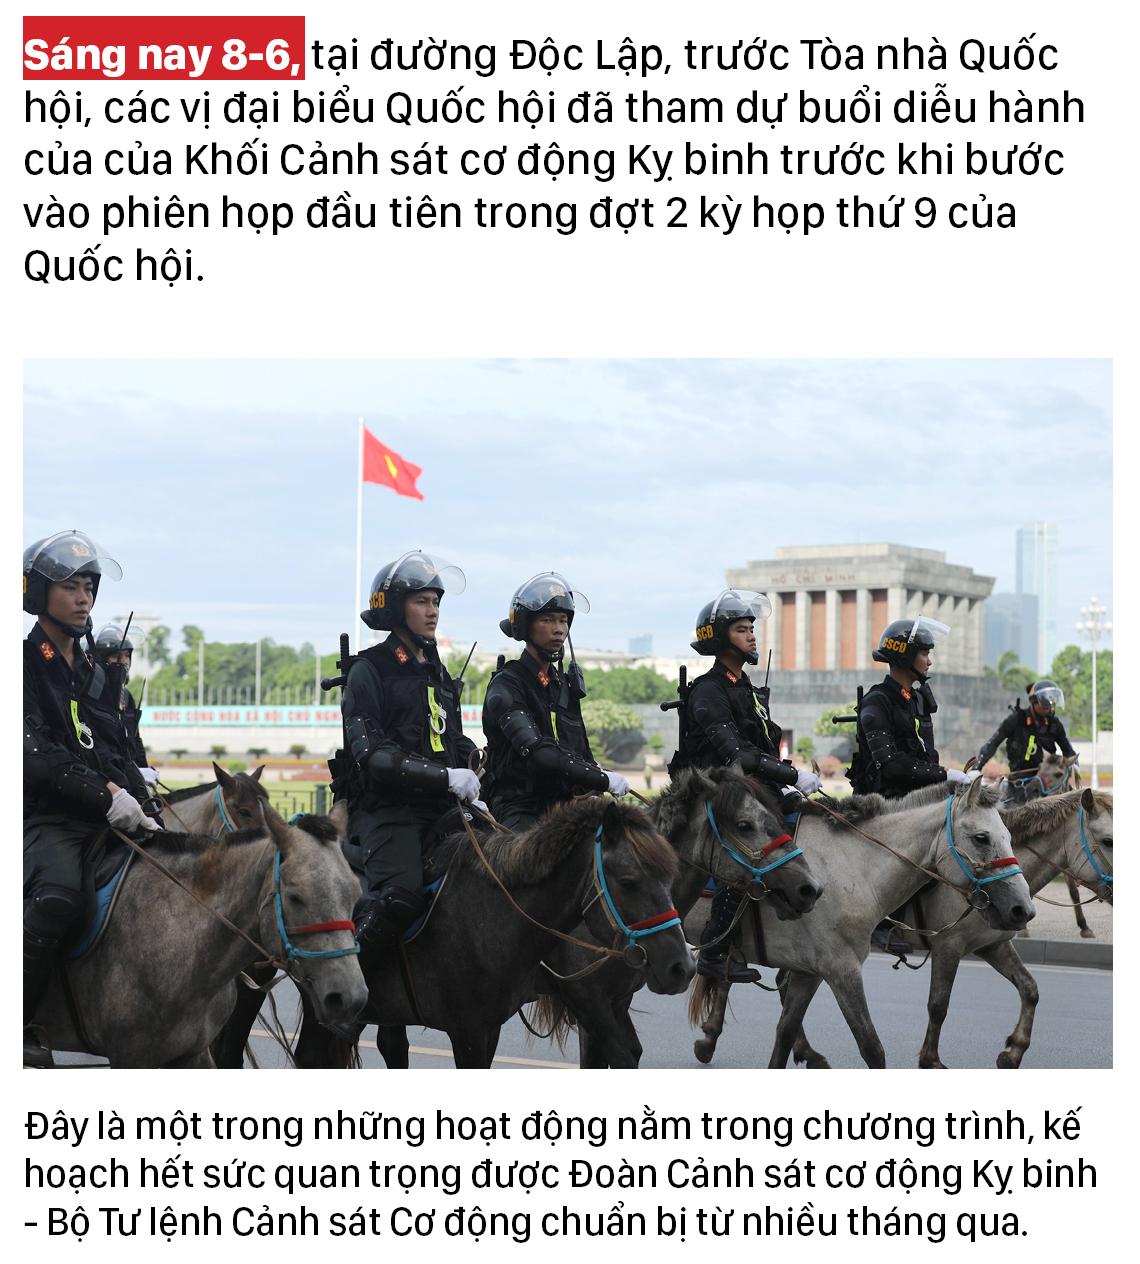 Ra mắt đoàn cảnh sát cơ động kỵ binh  ảnh 1